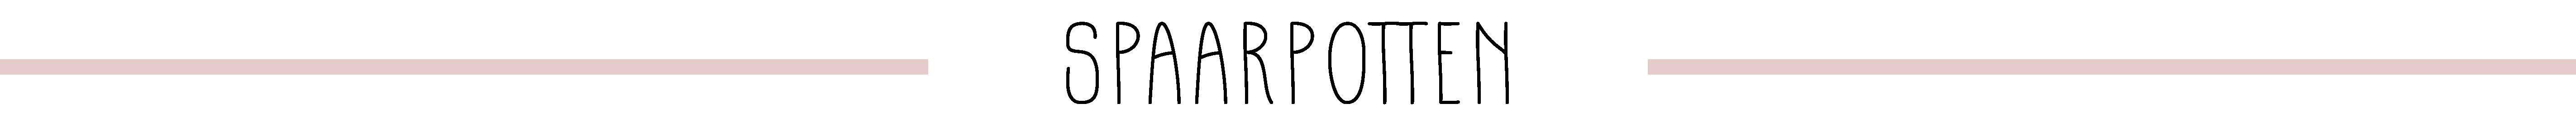 Titels - spaarpot_desktop